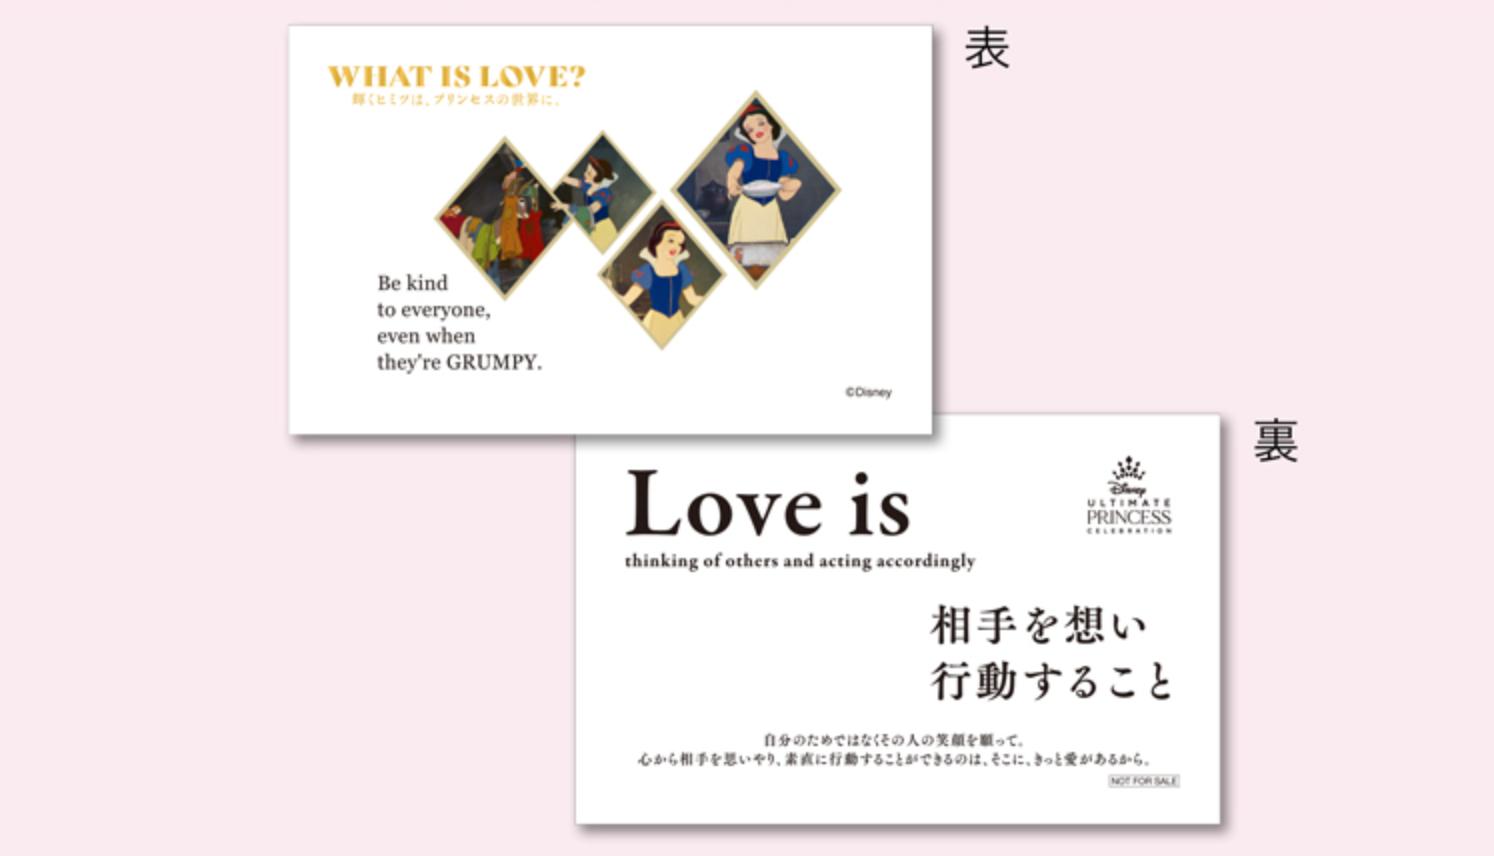 ディズニープリンセス展「WHAT IS LOVE ? 」